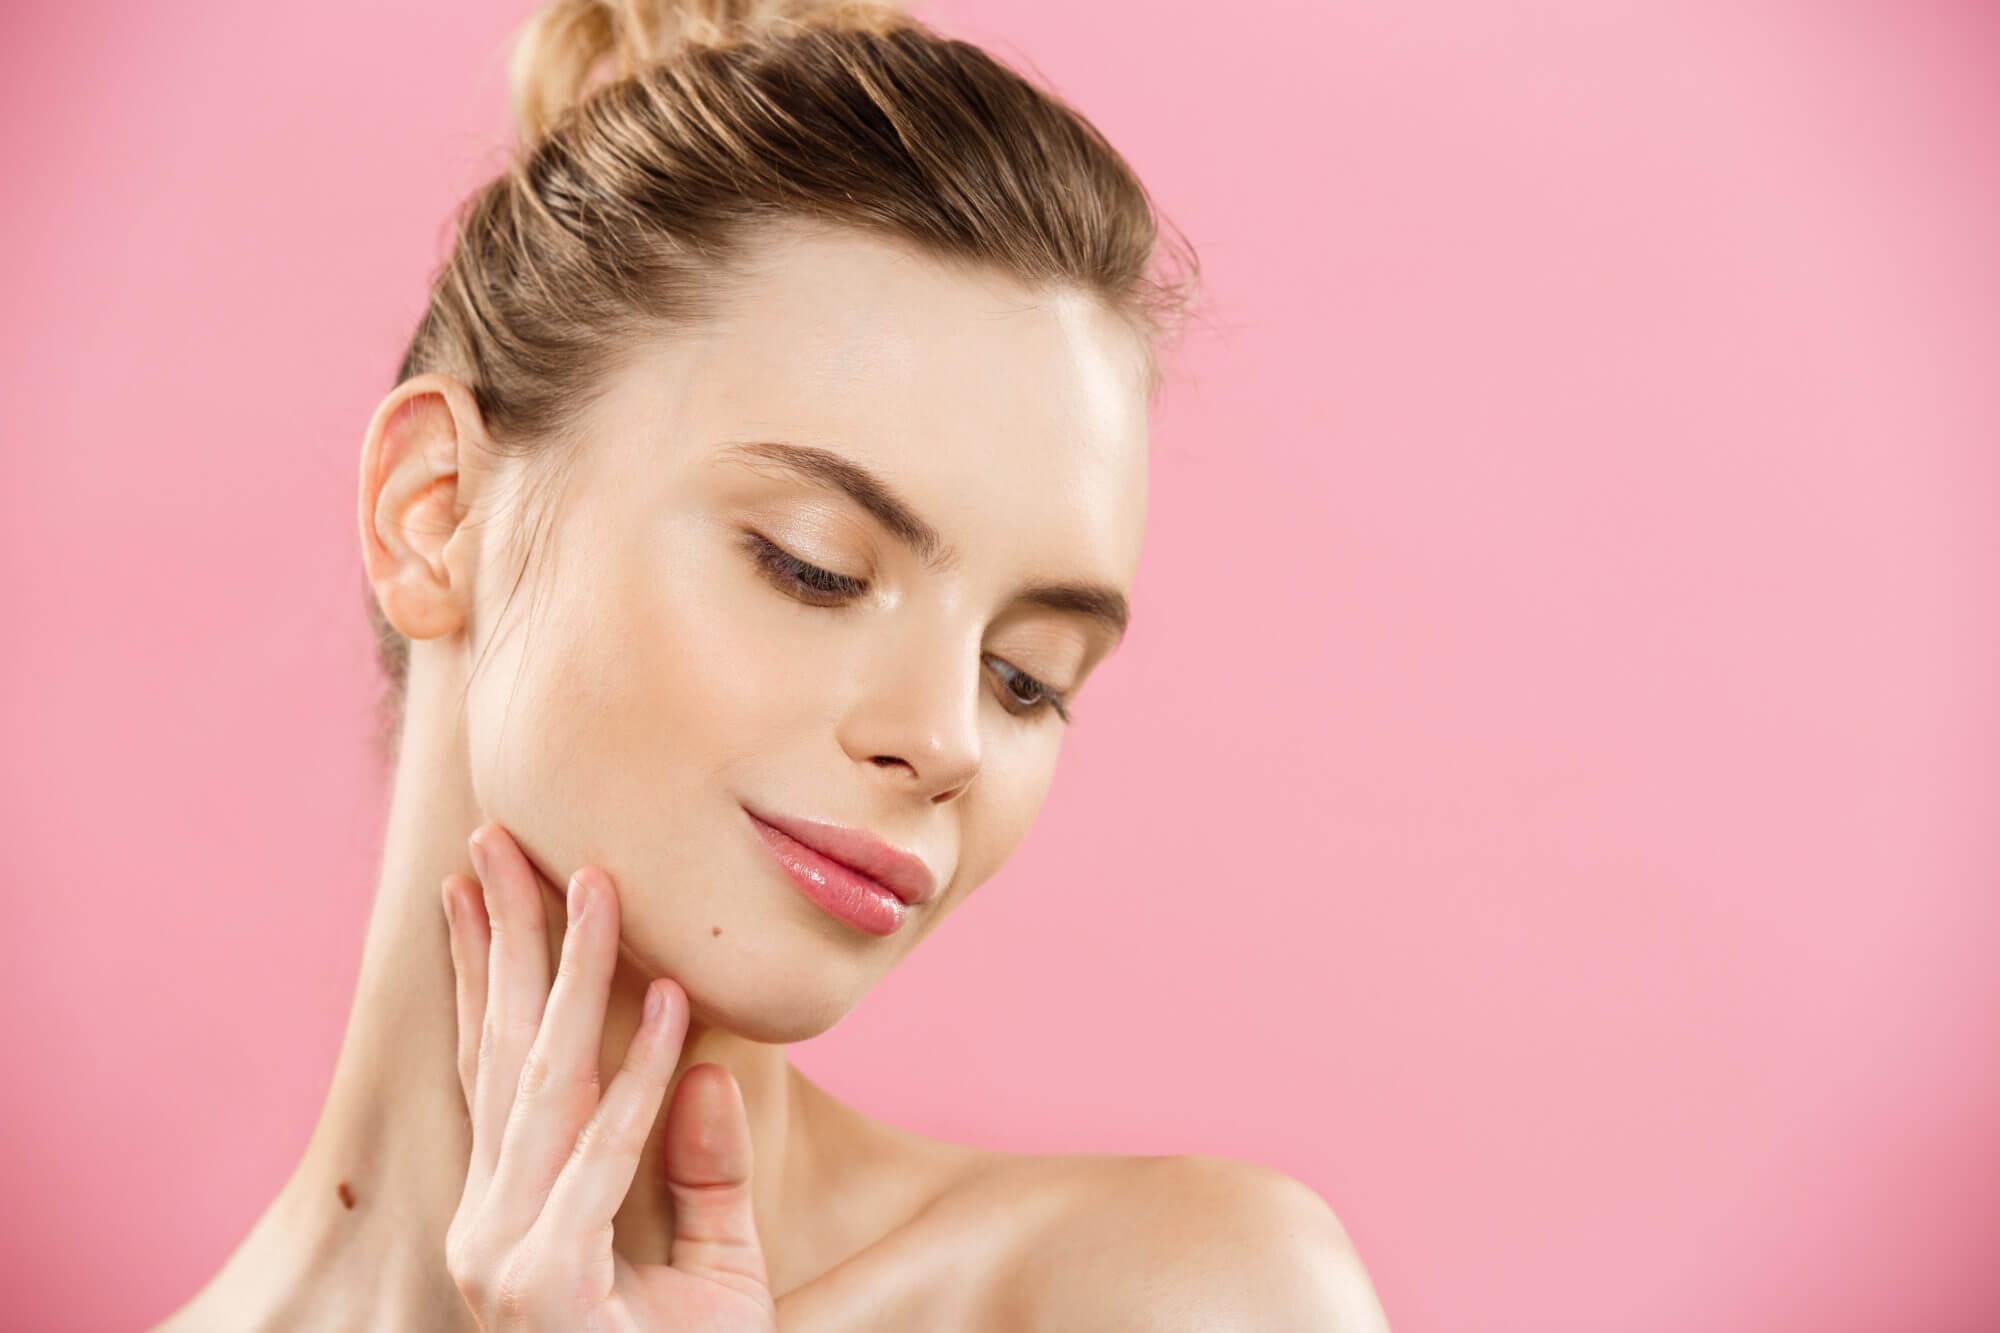 comment m'occuper de ma peau atopique ?